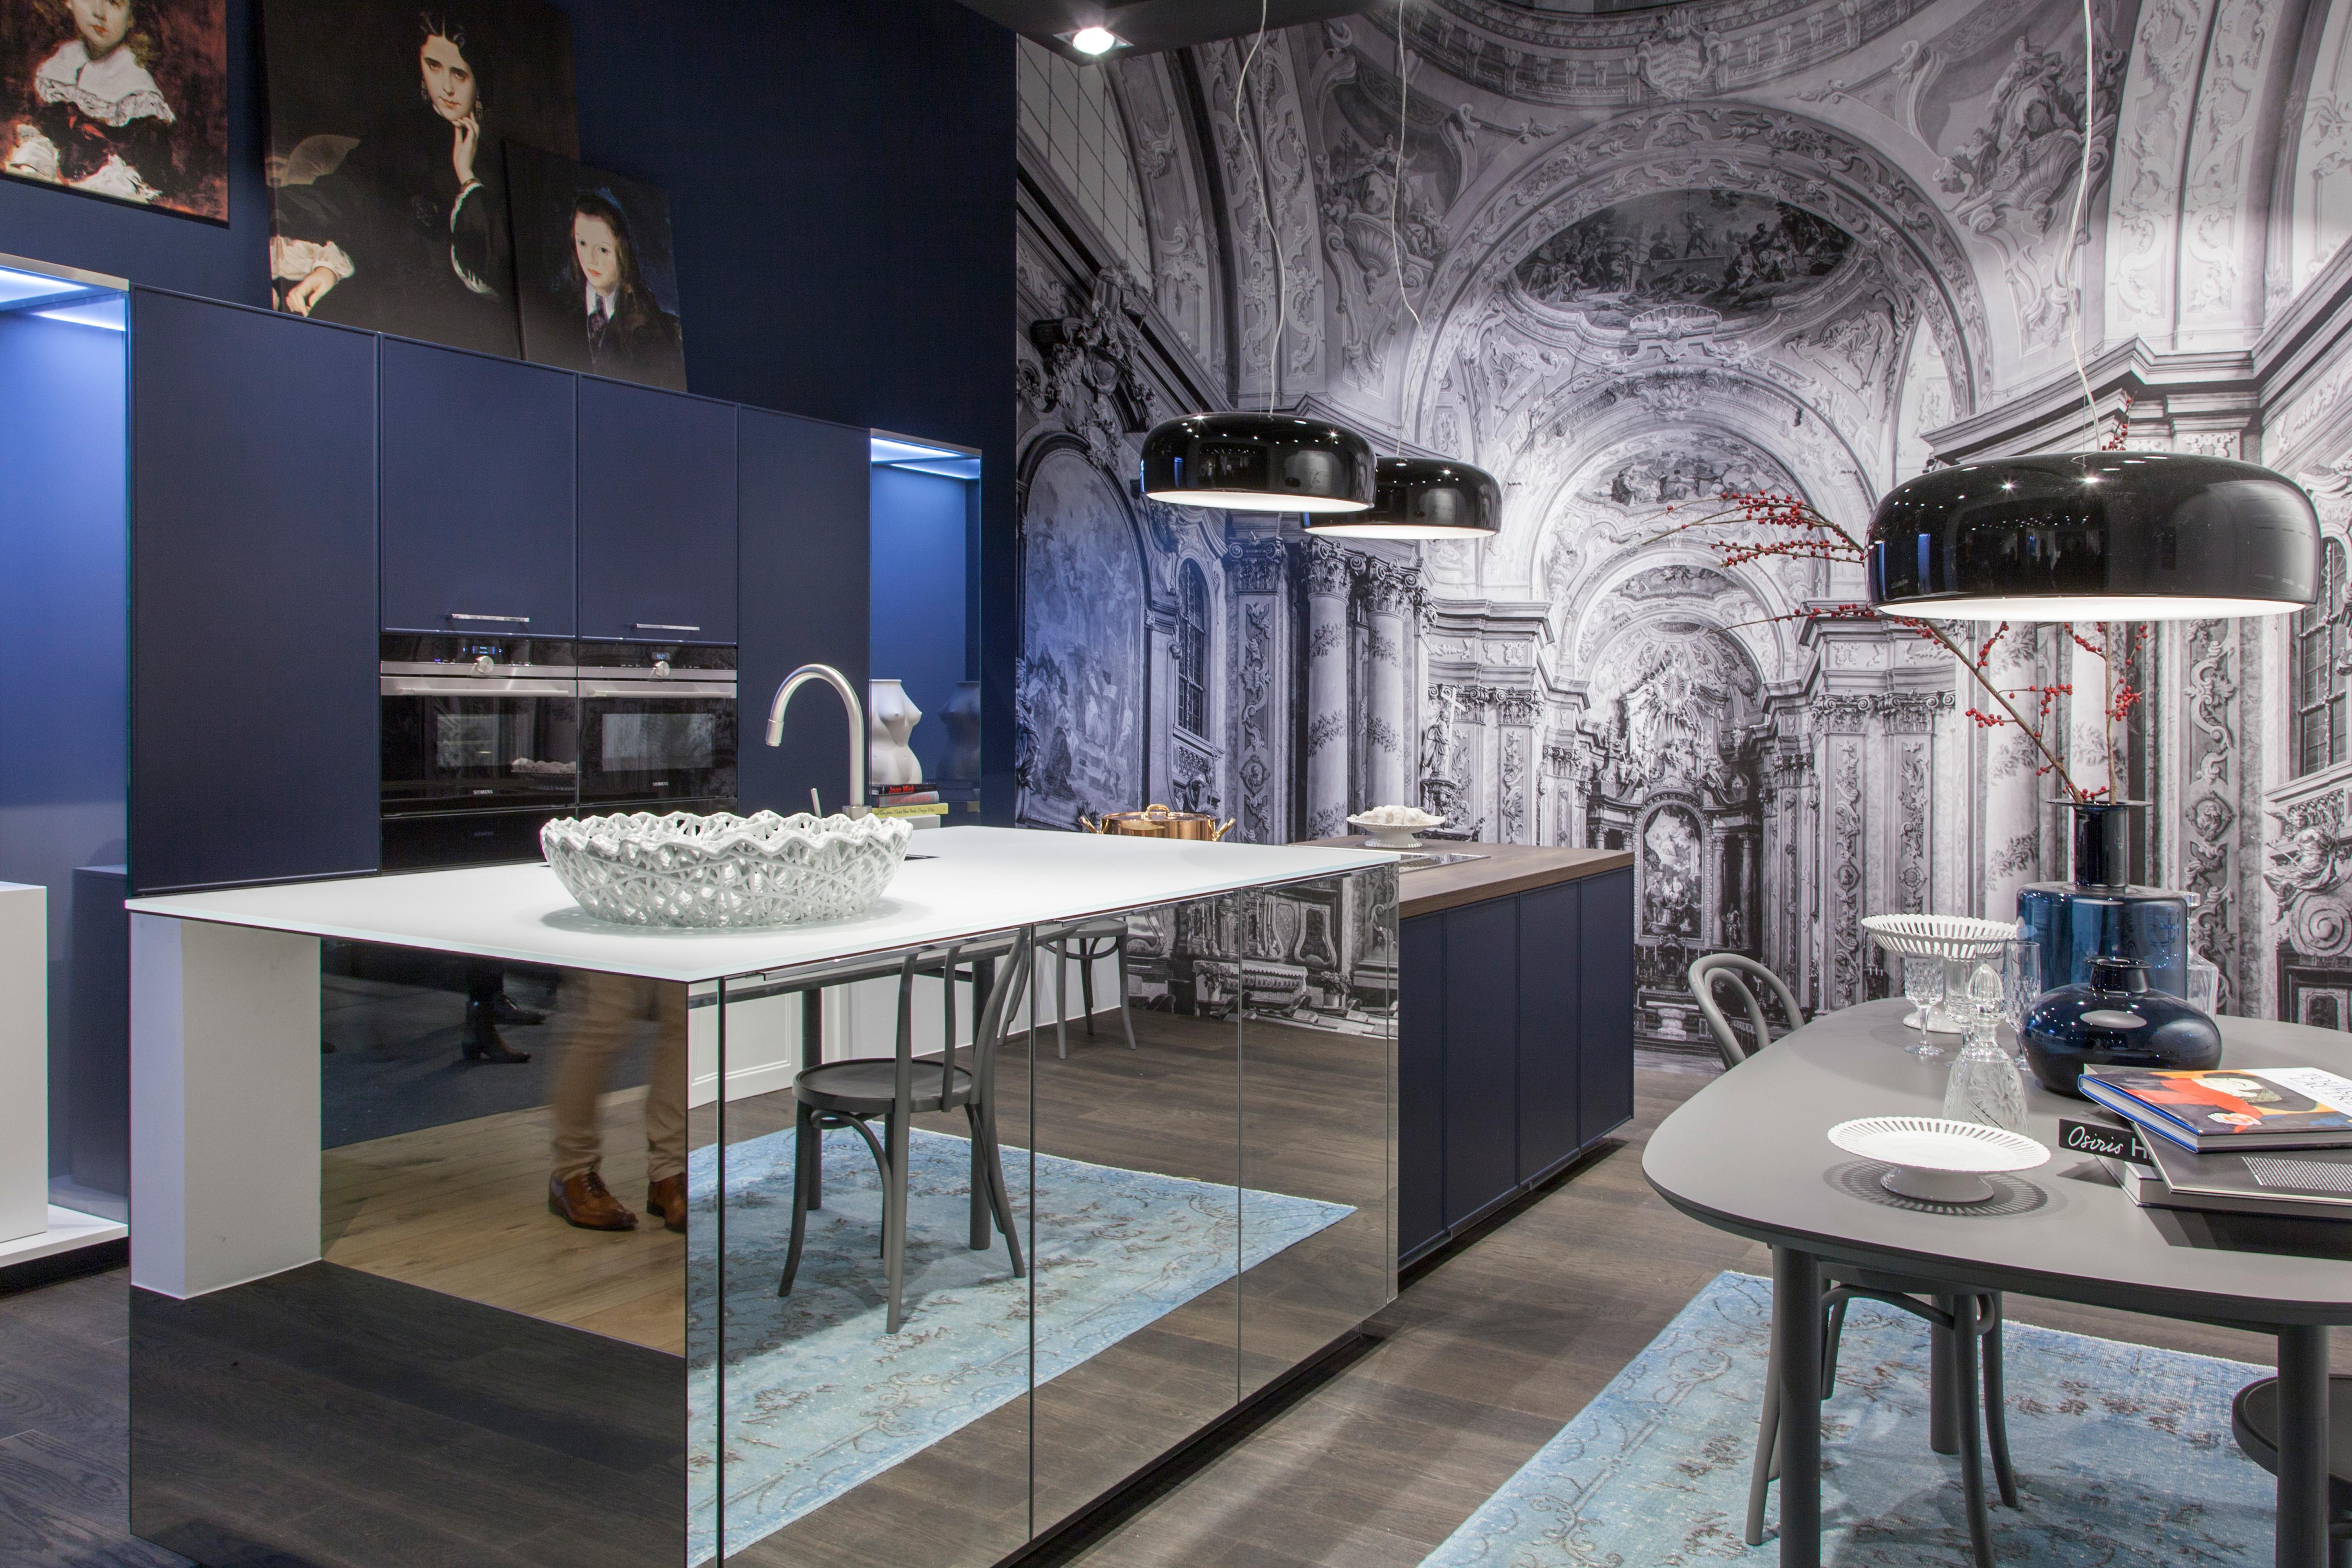 Cheap Reflections In The Kitchen Ucneo Salonuc By Meir Und Meir For Nolte  Kchen With Nolte Kchen Frankfurt With Innova Kchenplaner